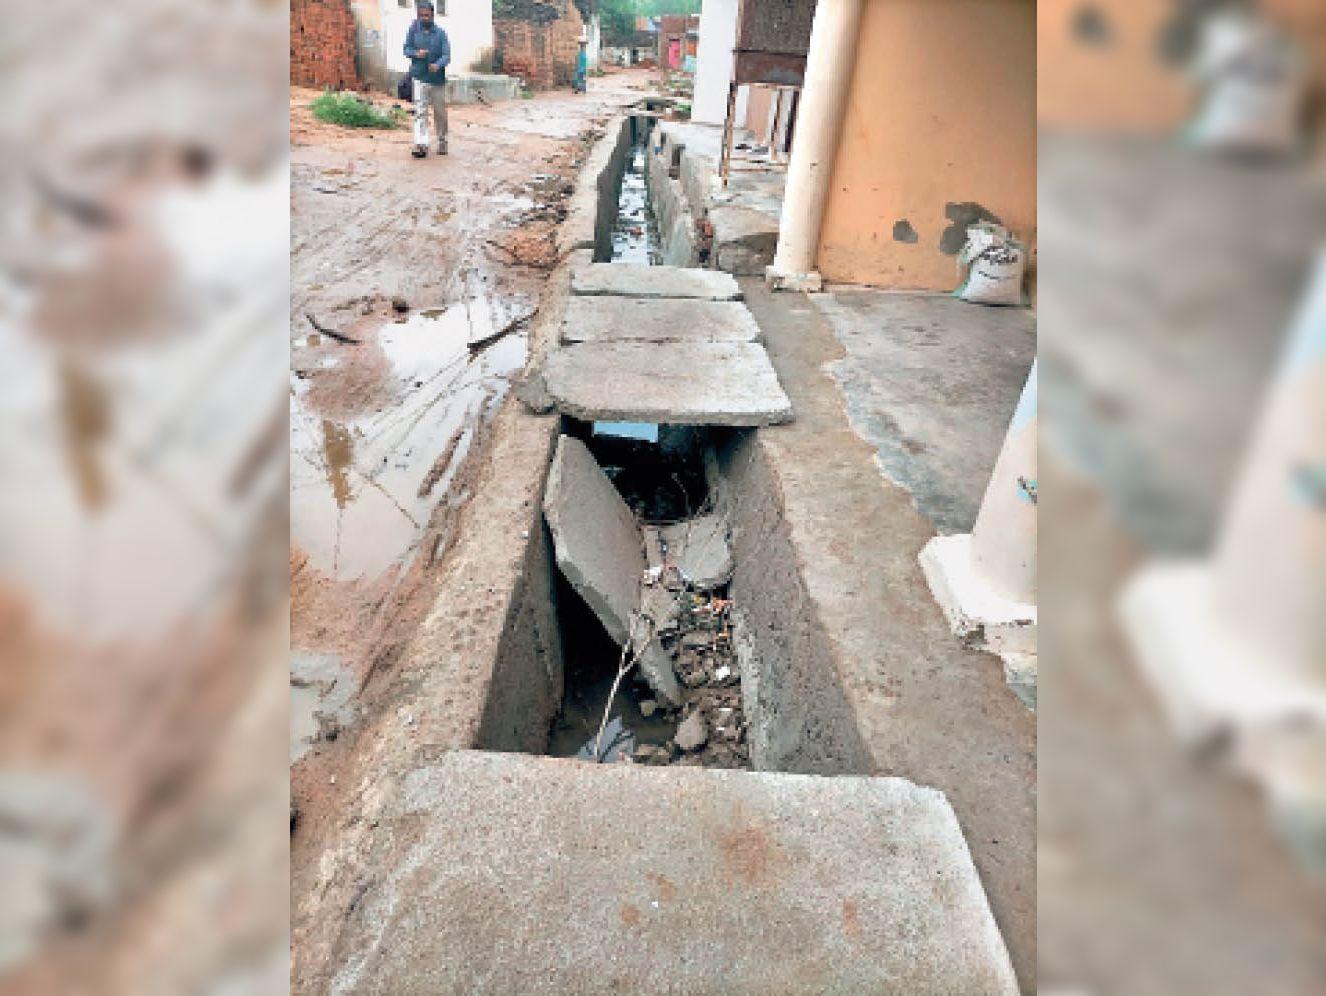 छतरपुर|पंचायत में किया नया नाली निर्माण कार्य, होने लगा क्षतिग्रस्त। - Dainik Bhaskar